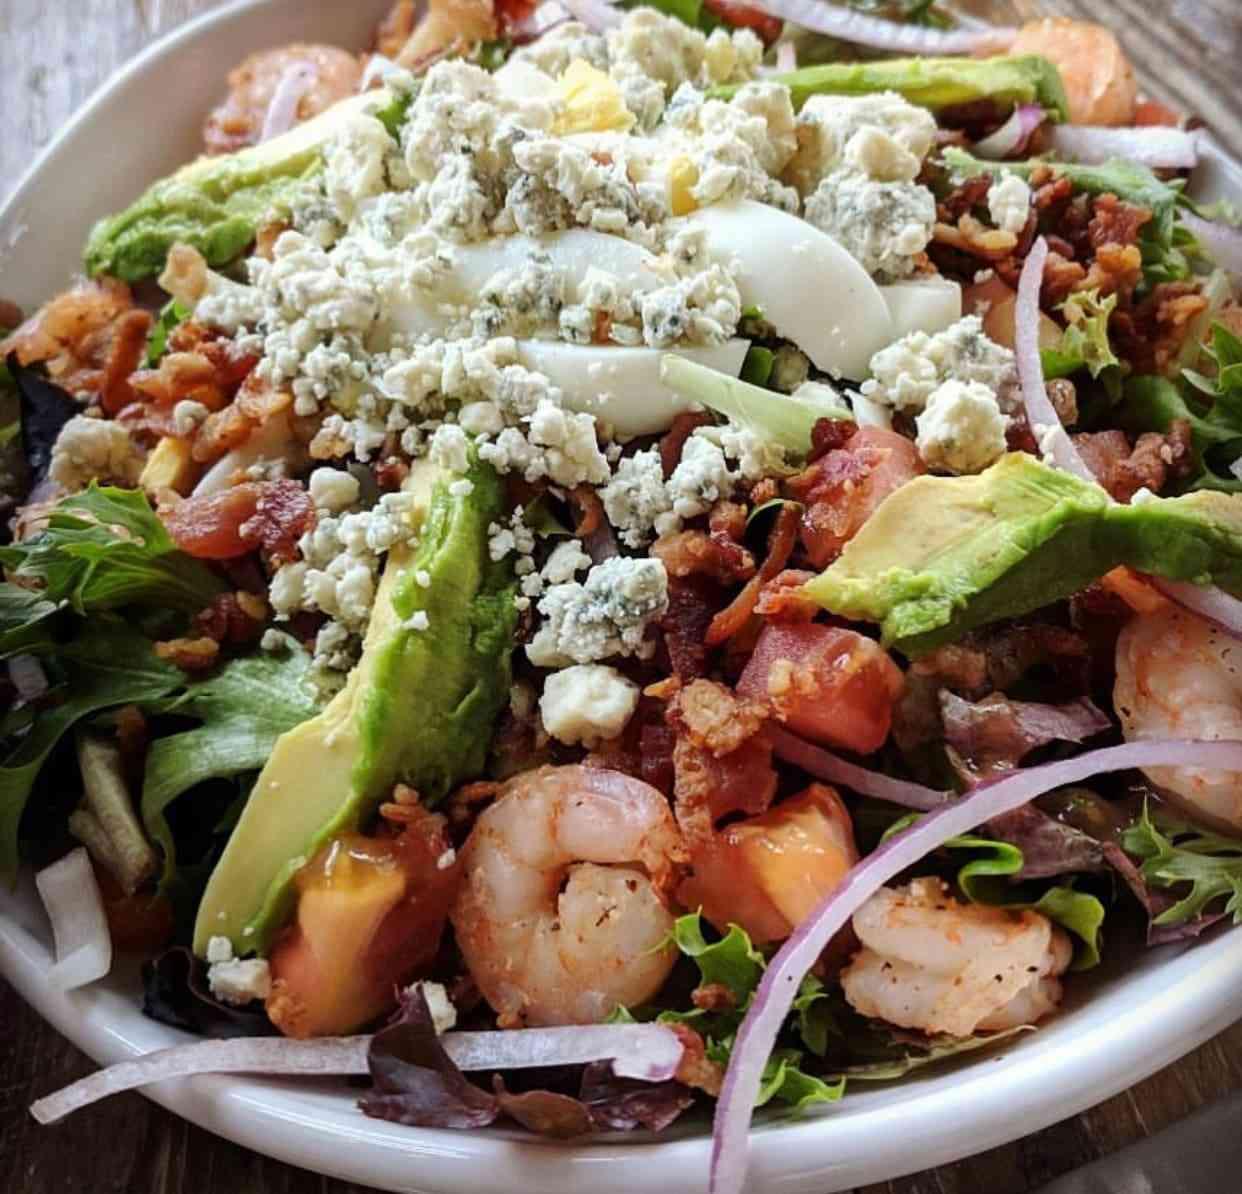 Flatlands Signature Shrimp Salad